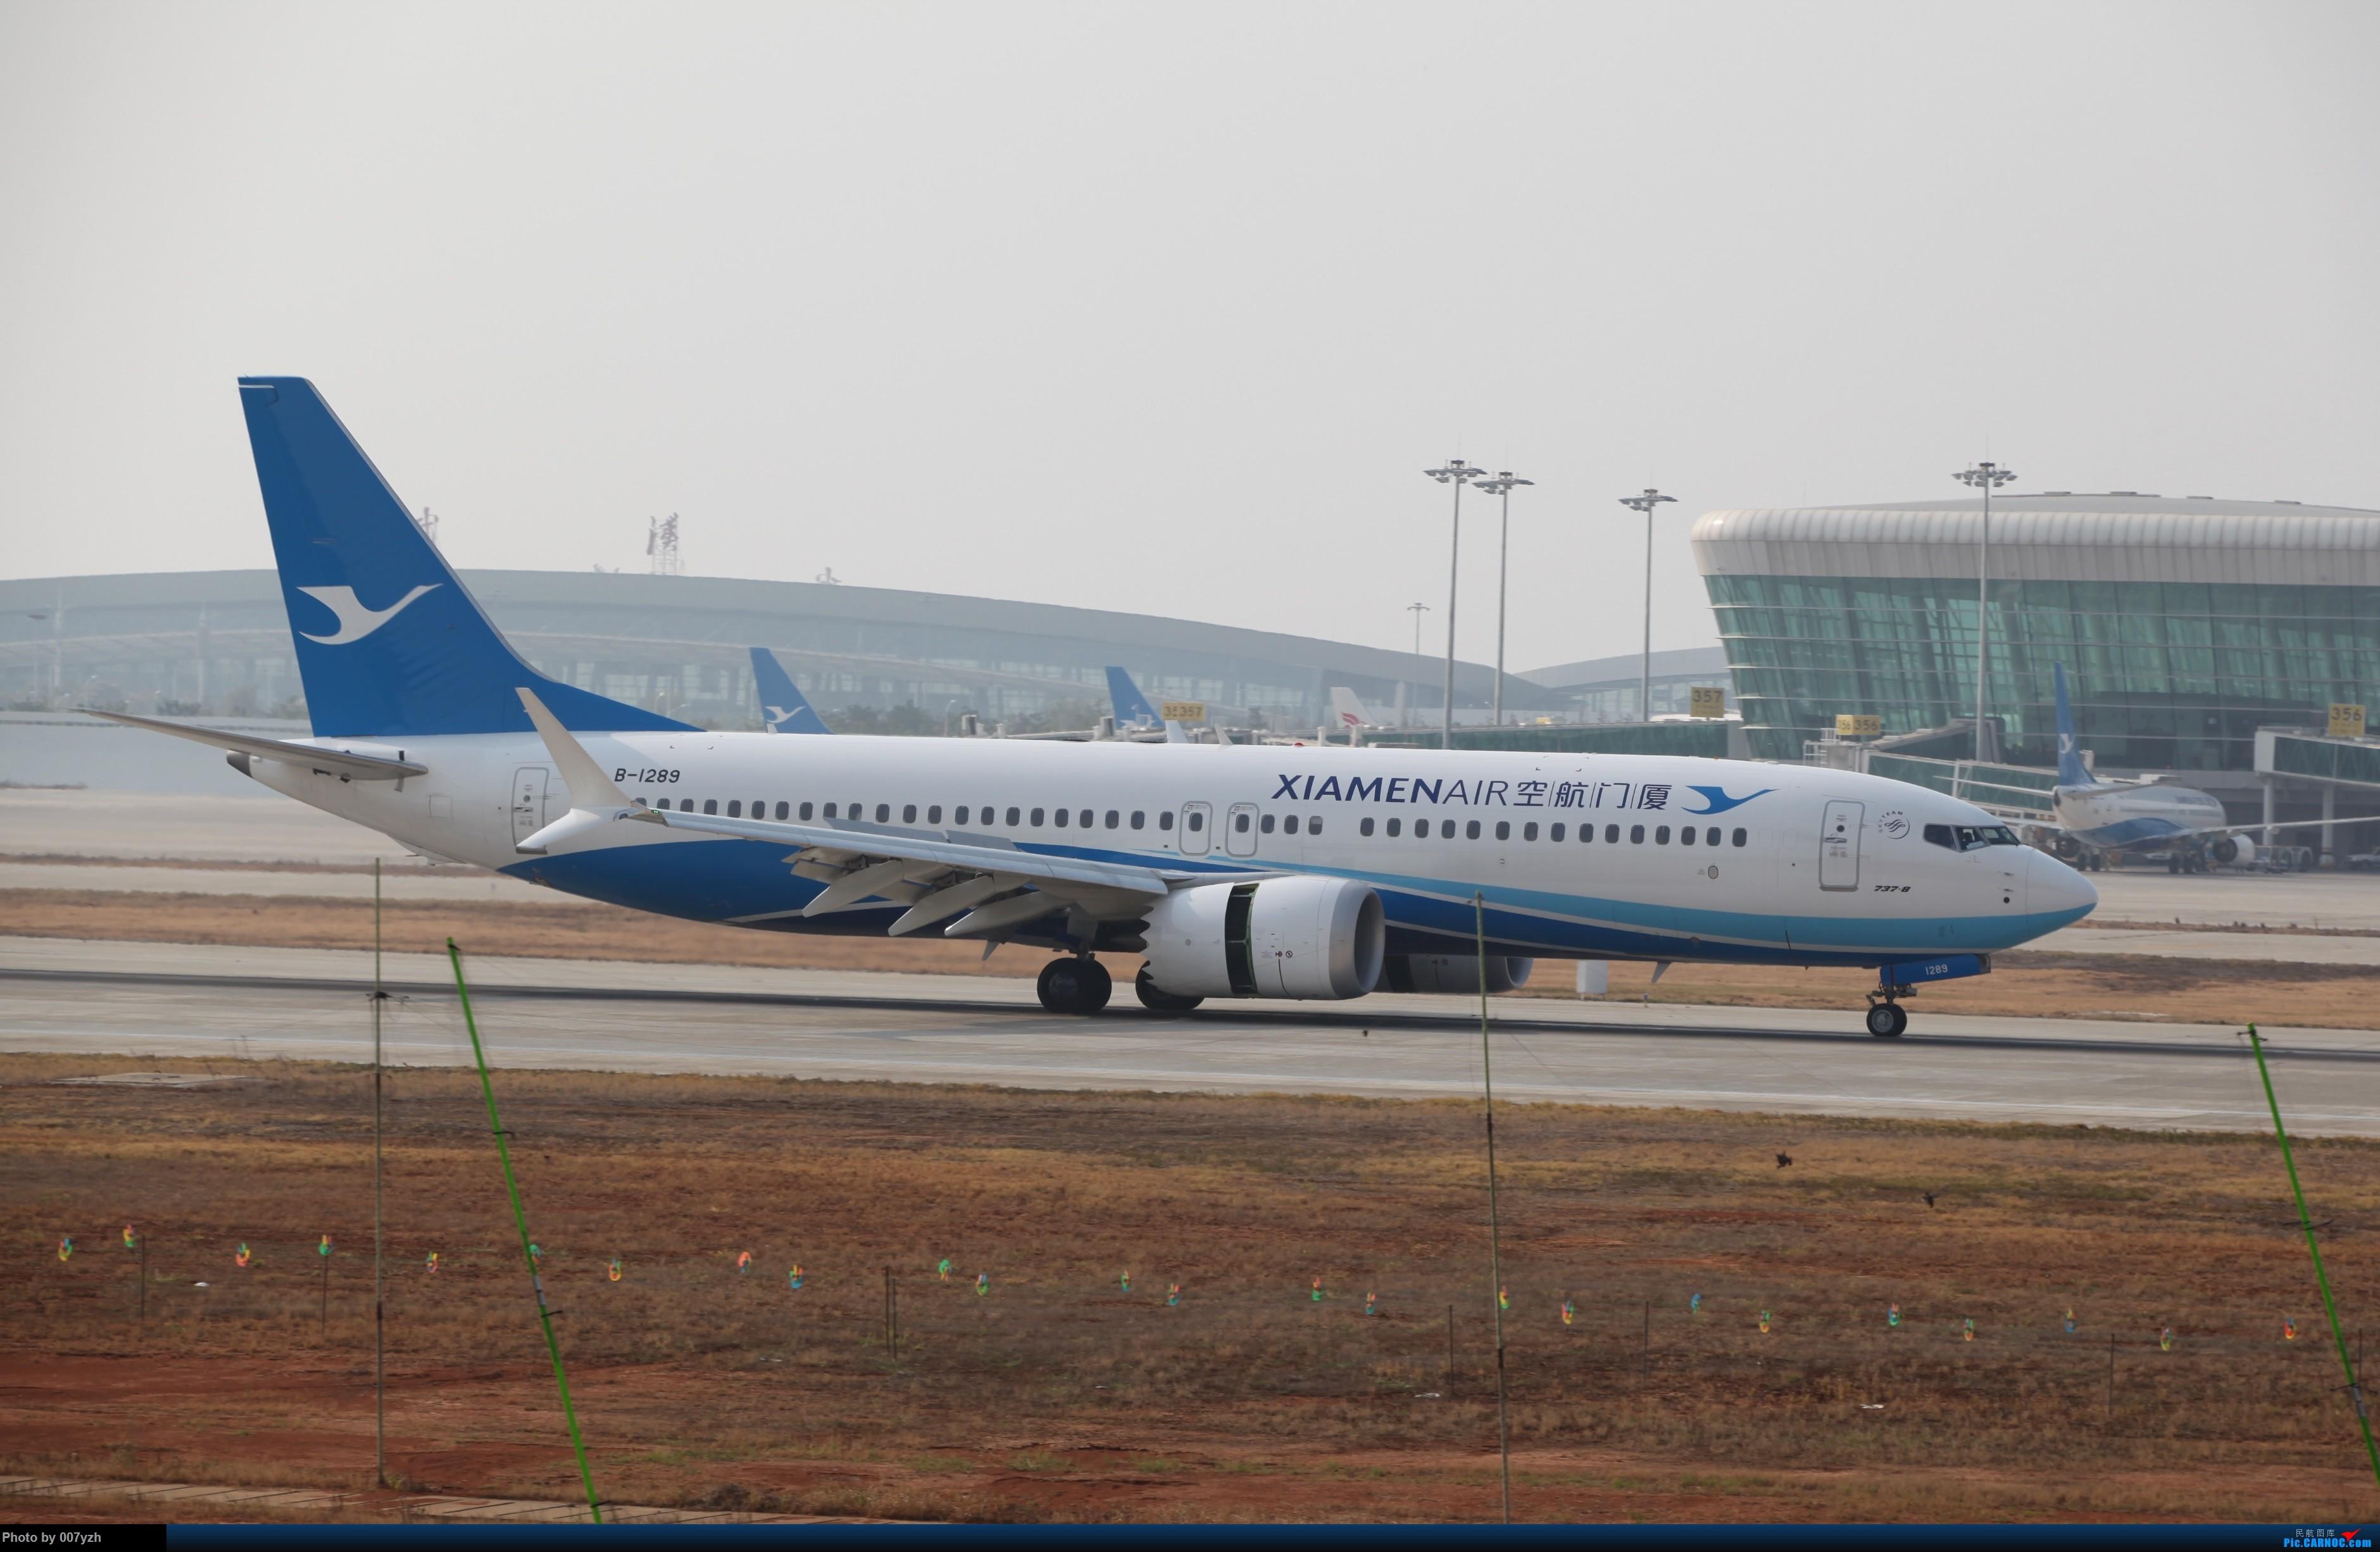 Re:[原创]WUH小拍,终于找到了在WUH拍机的组织 BOEING 737MAX-8 B-1289 中国武汉天河国际机场